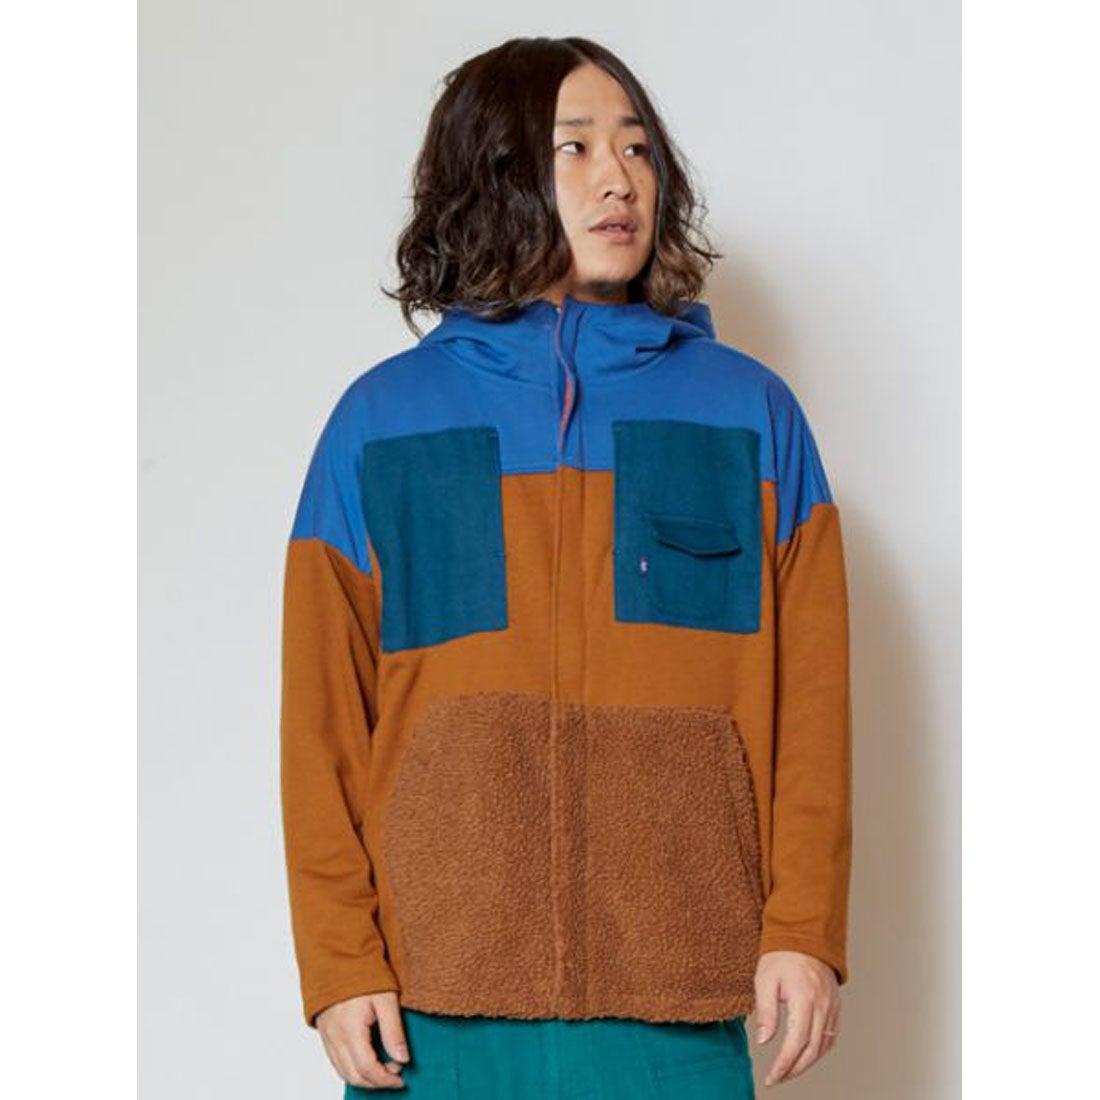 【チャイハネ】yul ボアパッチワークMEN'Sフードジャケット ブルー